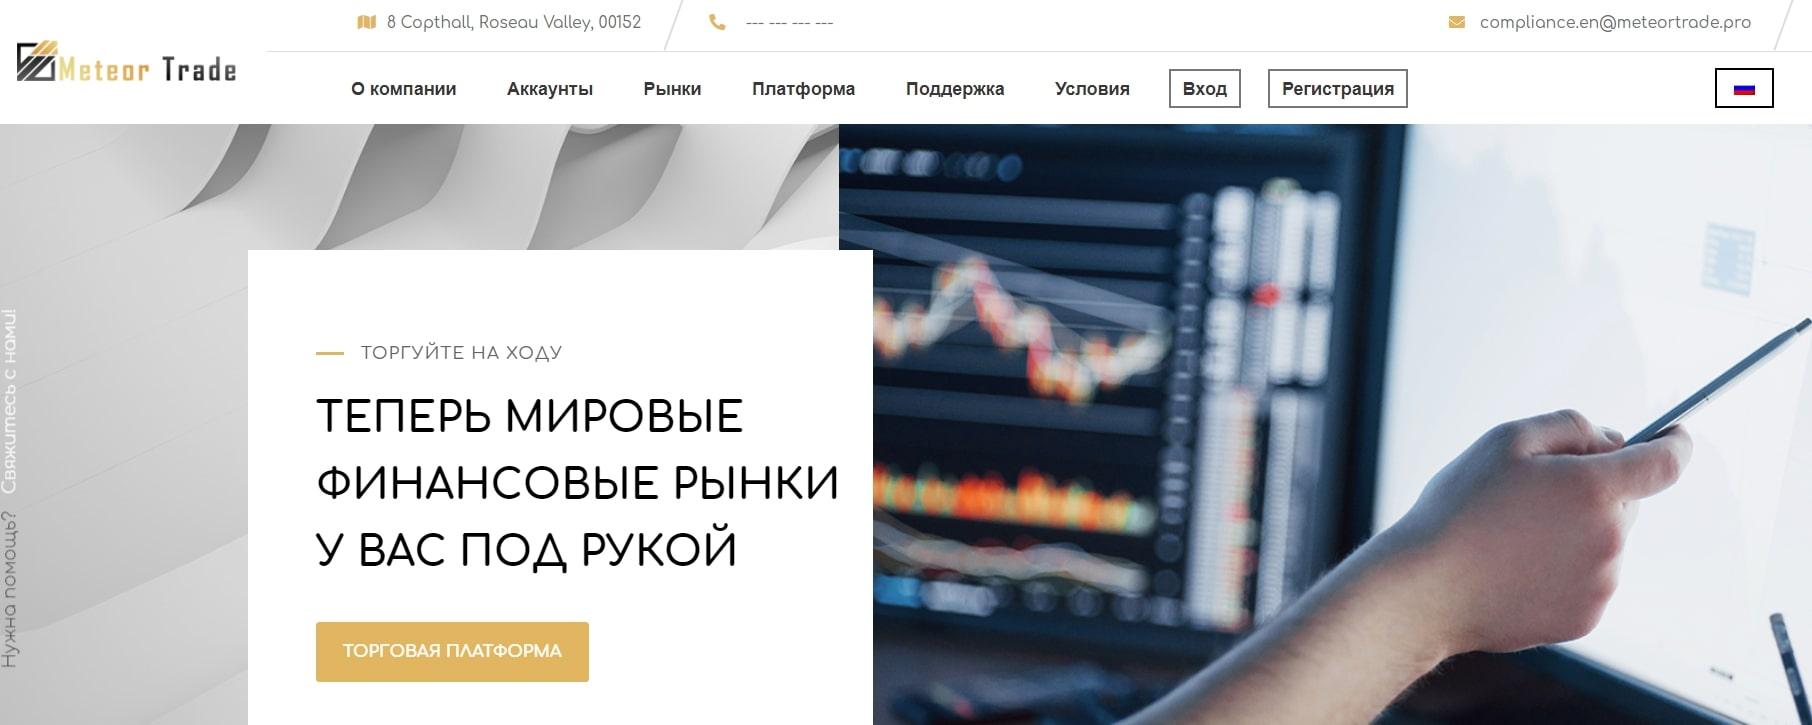 Meteor Trade: отзывы пользователей, торговые условия и предложения реальные отзывы